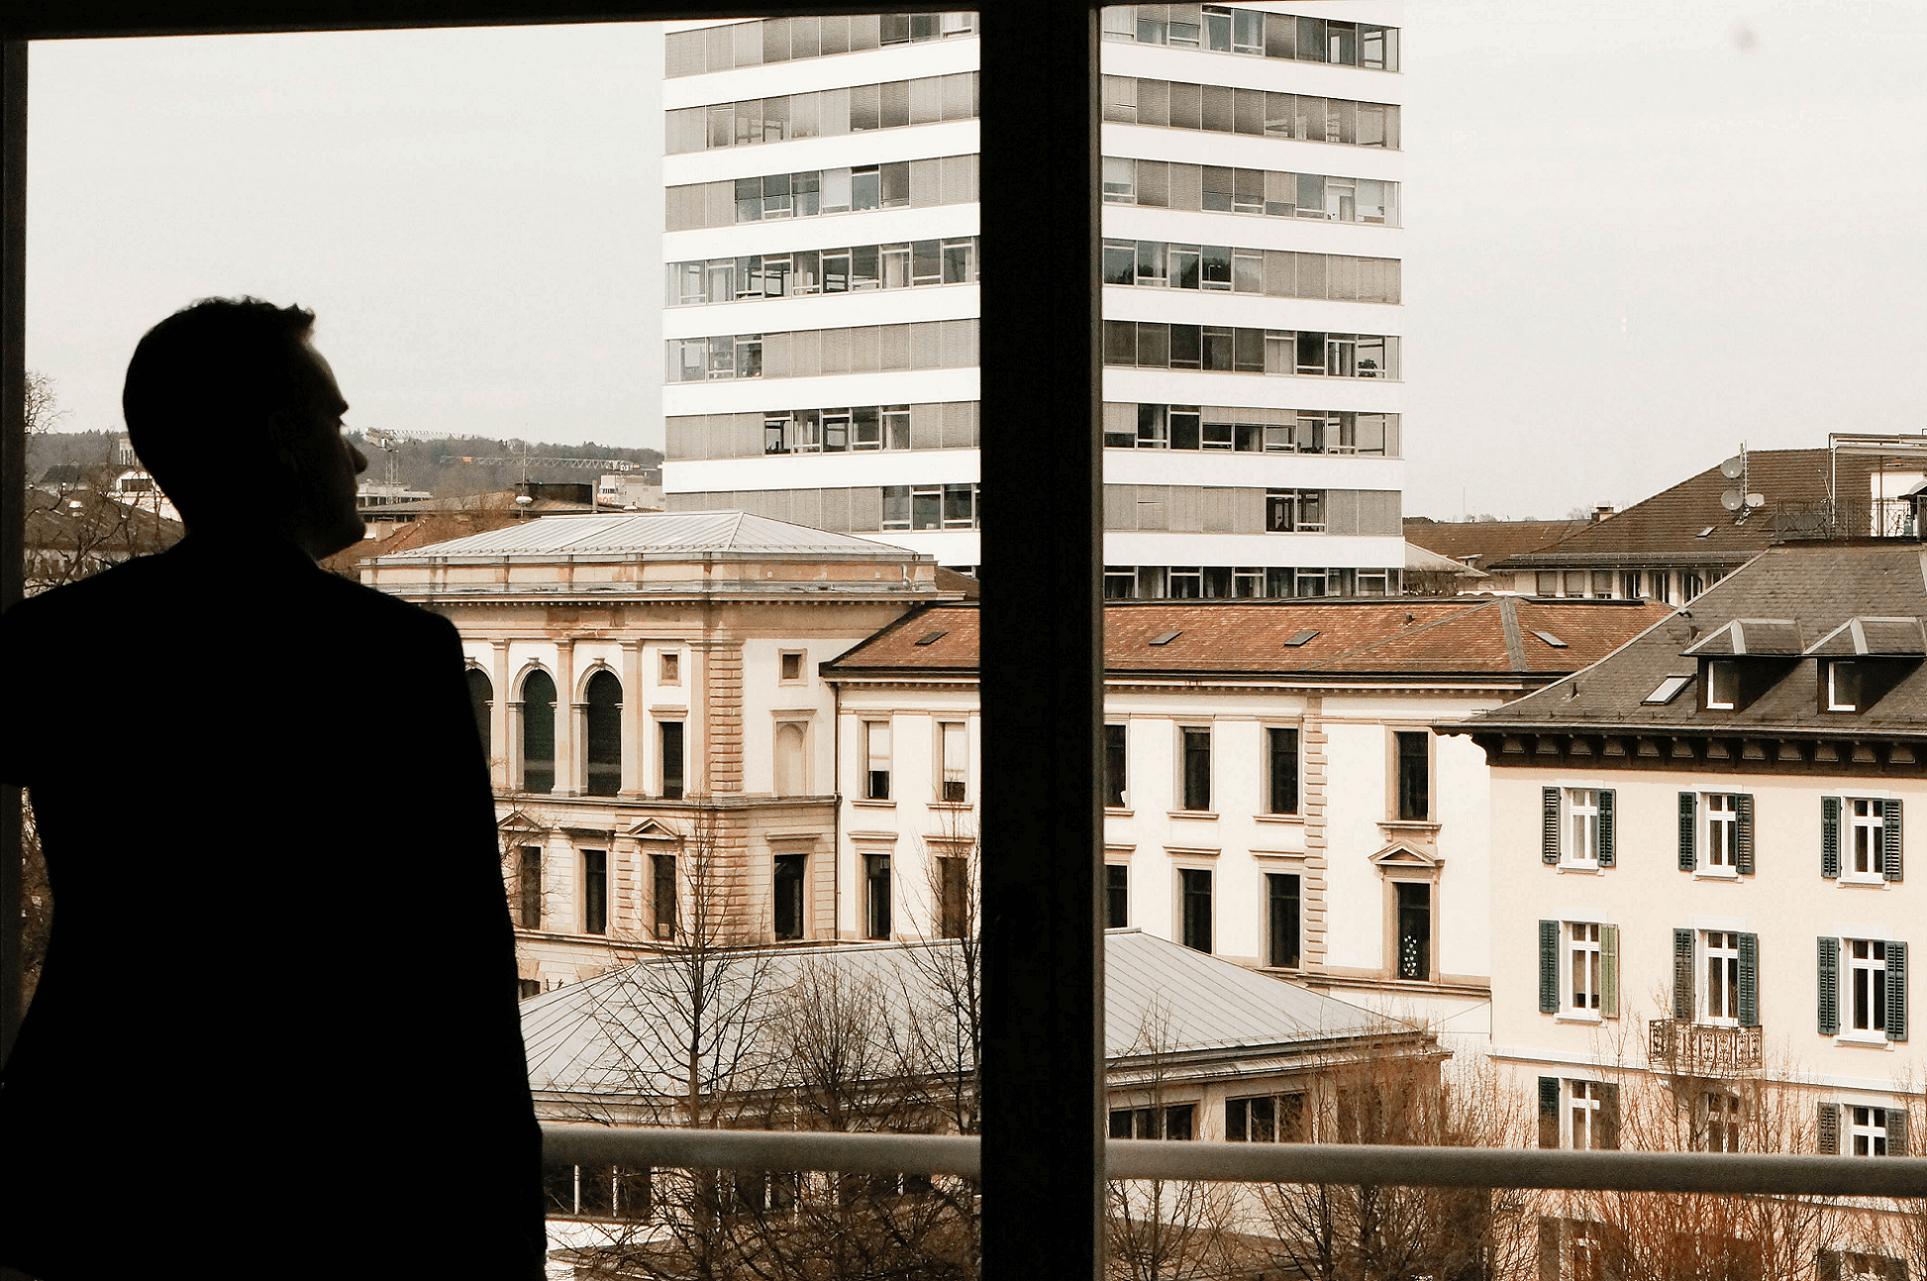 schaue aus dem Fenster